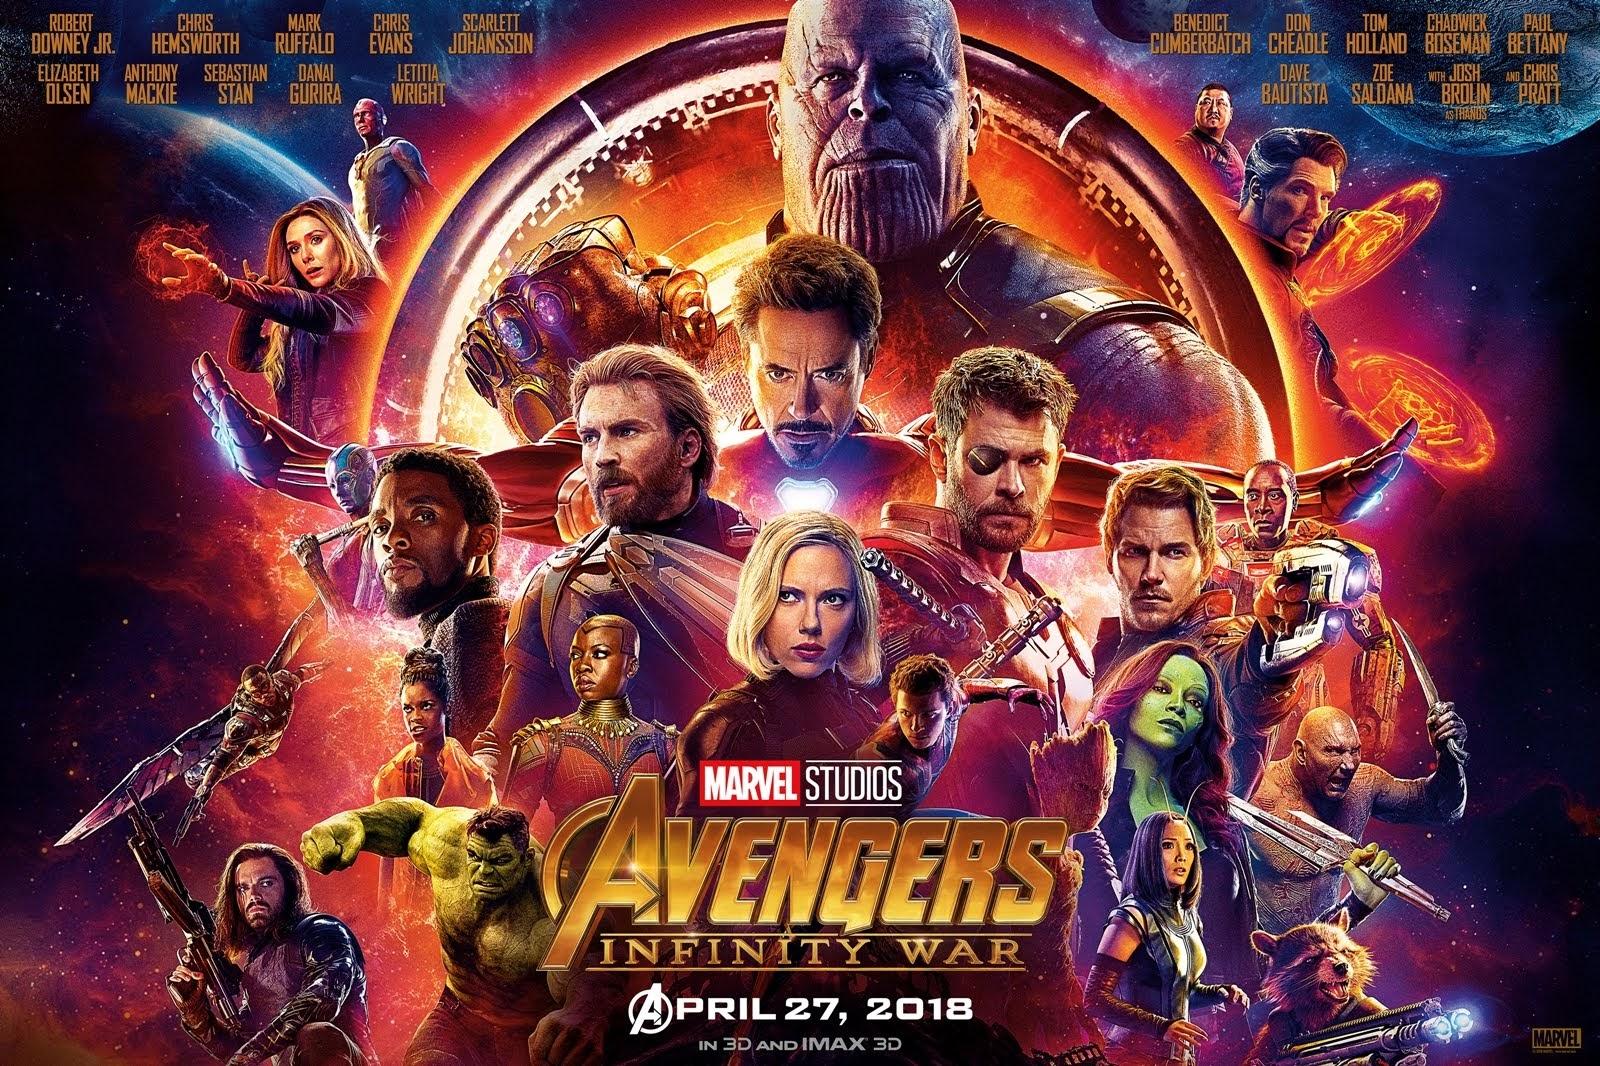 復仇者聯盟3 Image: 【貓爺堂電影欣賞】復仇者聯盟3:無限之戰(Avengers: Infinity War):選擇與代價